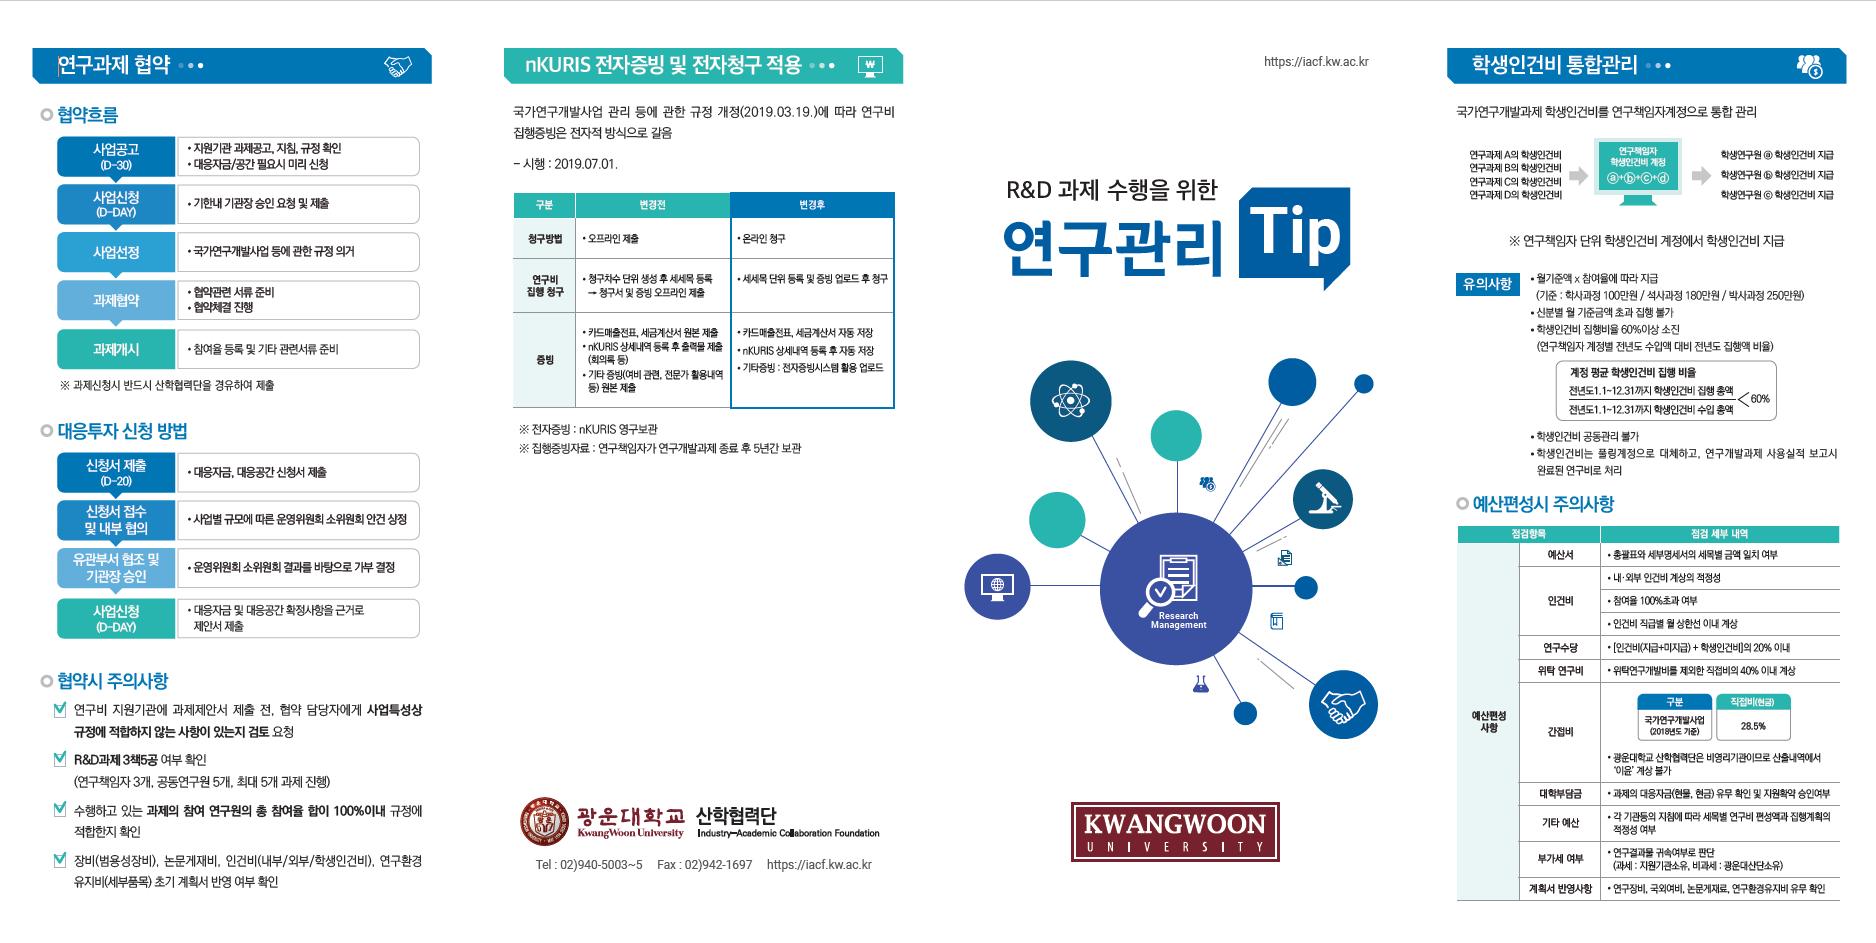 광운대학교-연구관리 Tip_리플릿_최종_페이지_1.PNG